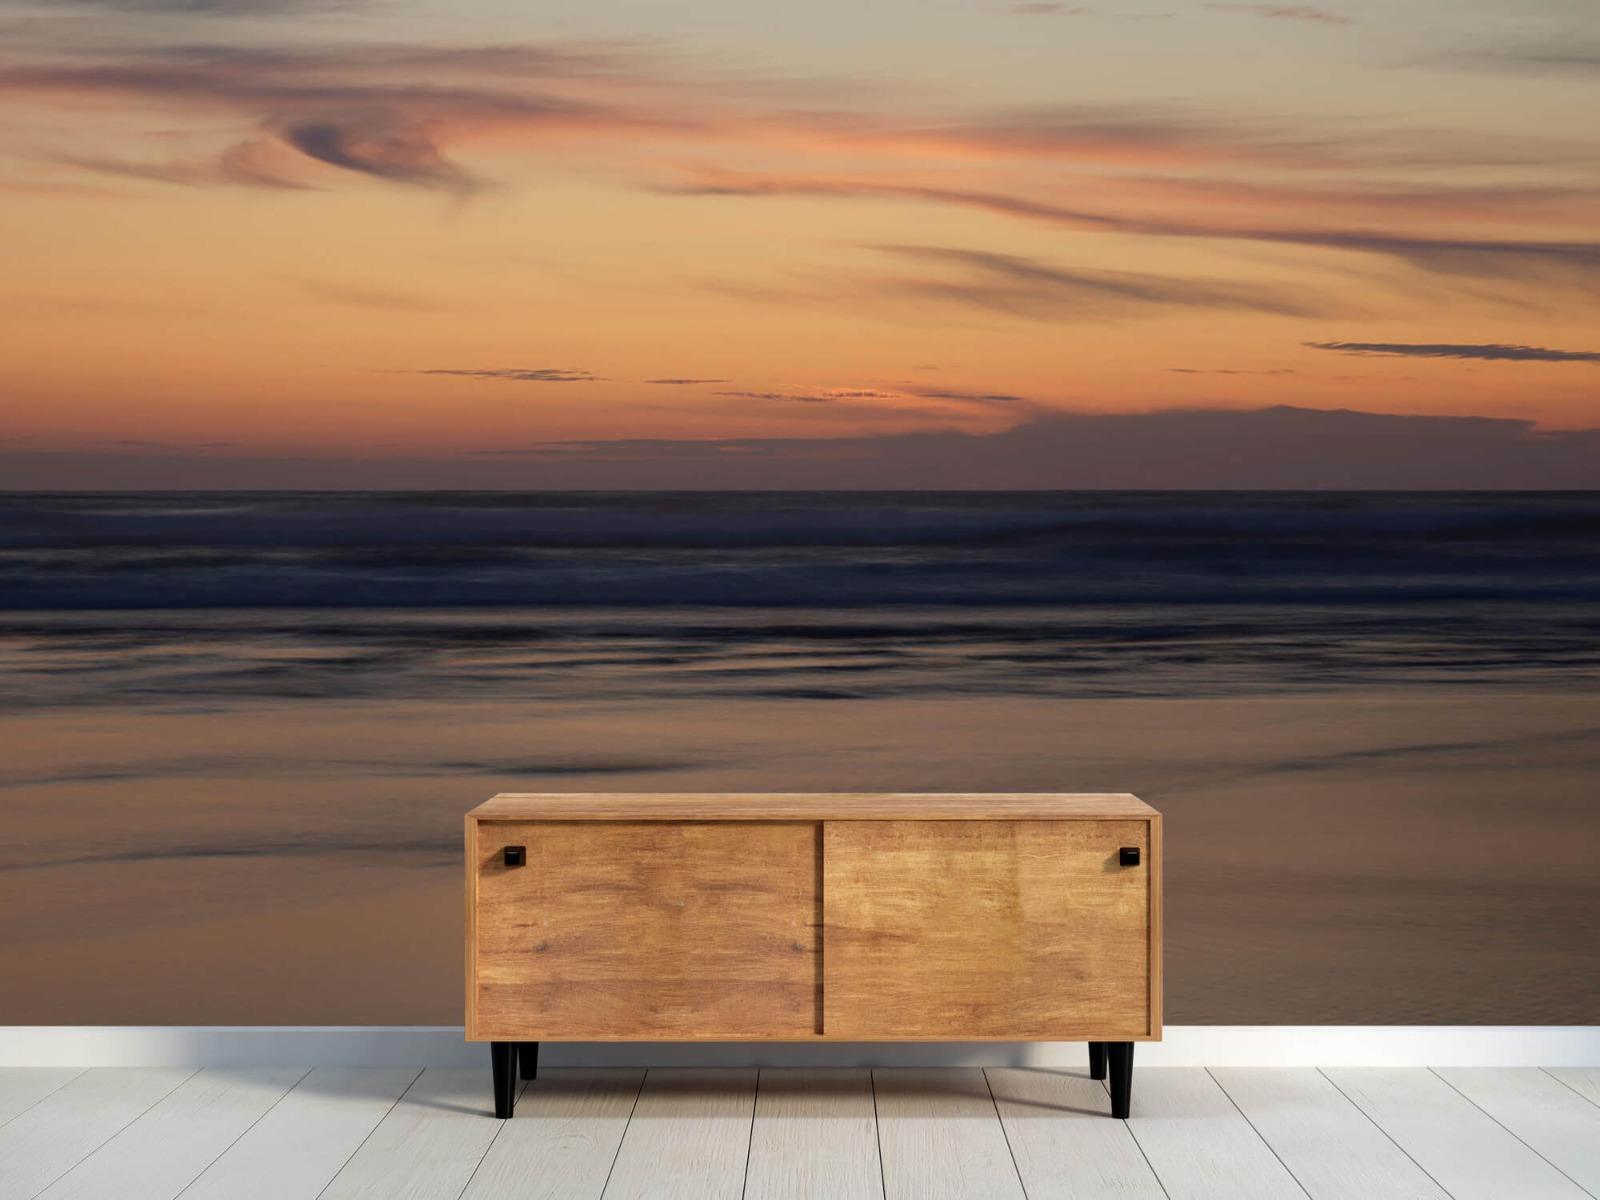 Zeeën en Oceanen - Zonsondergang aan de kust - Slaapkamer 9